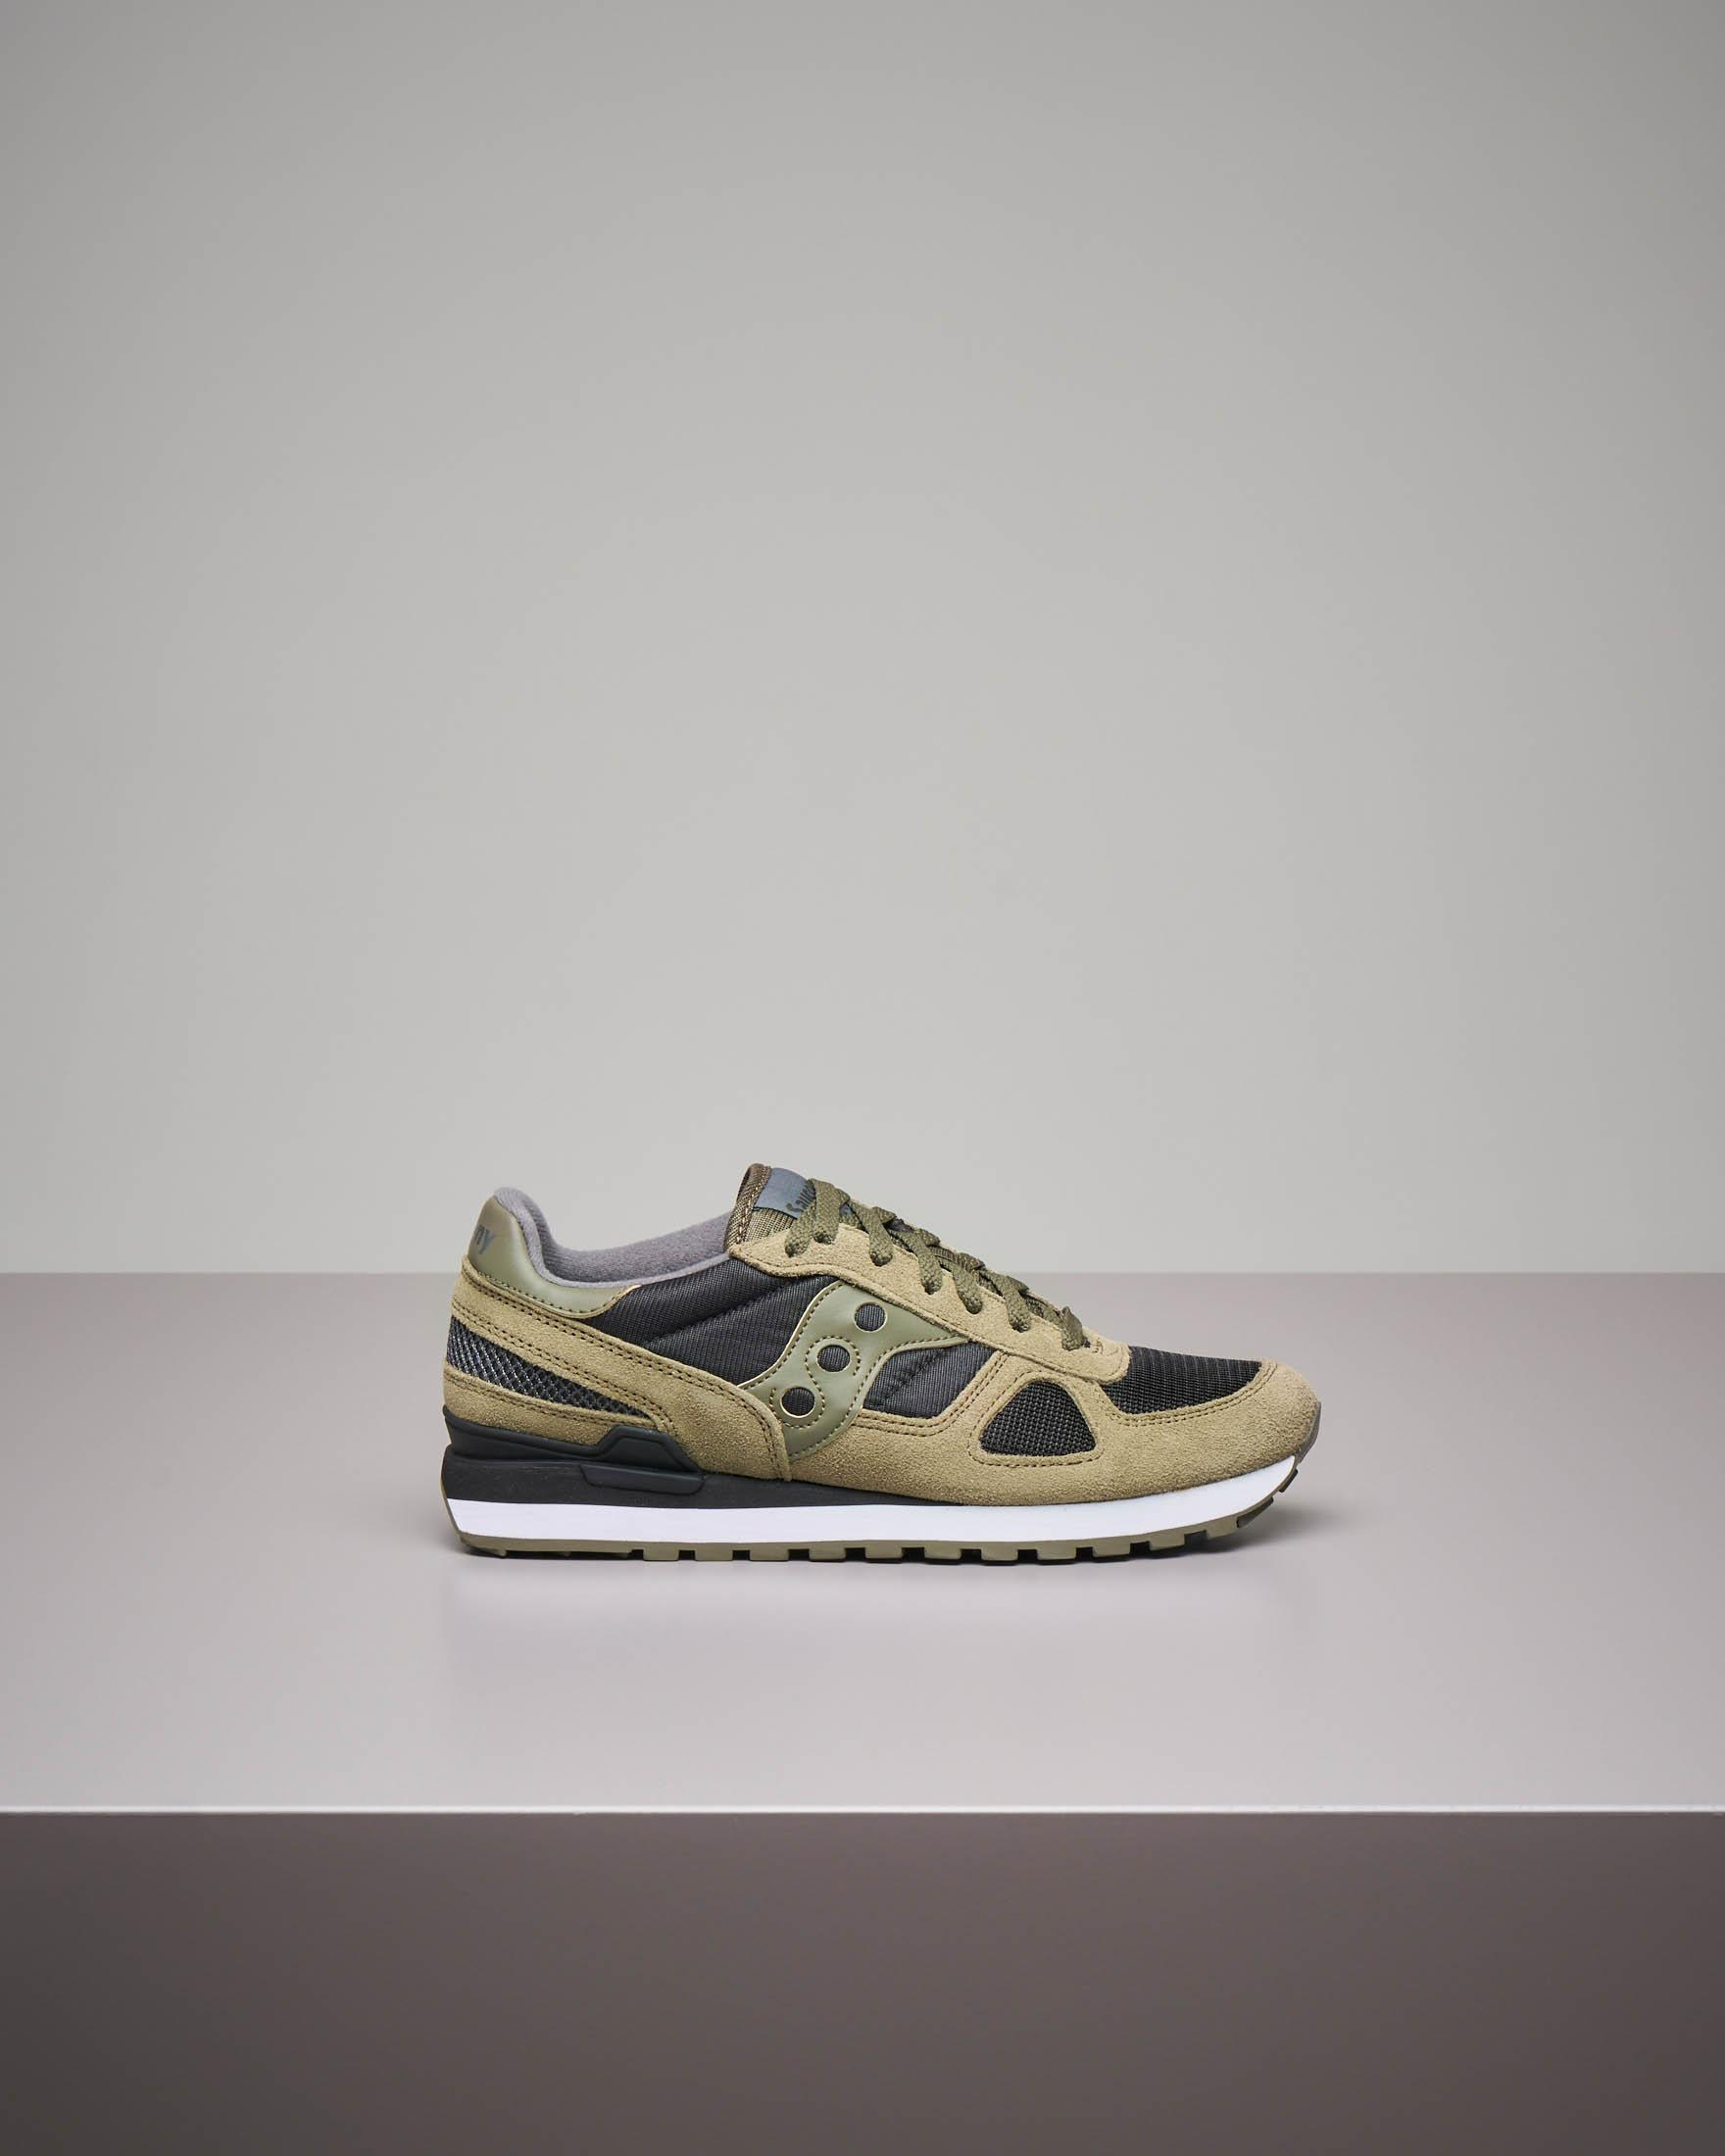 Sneakers Shadow O' verdi militare e nere